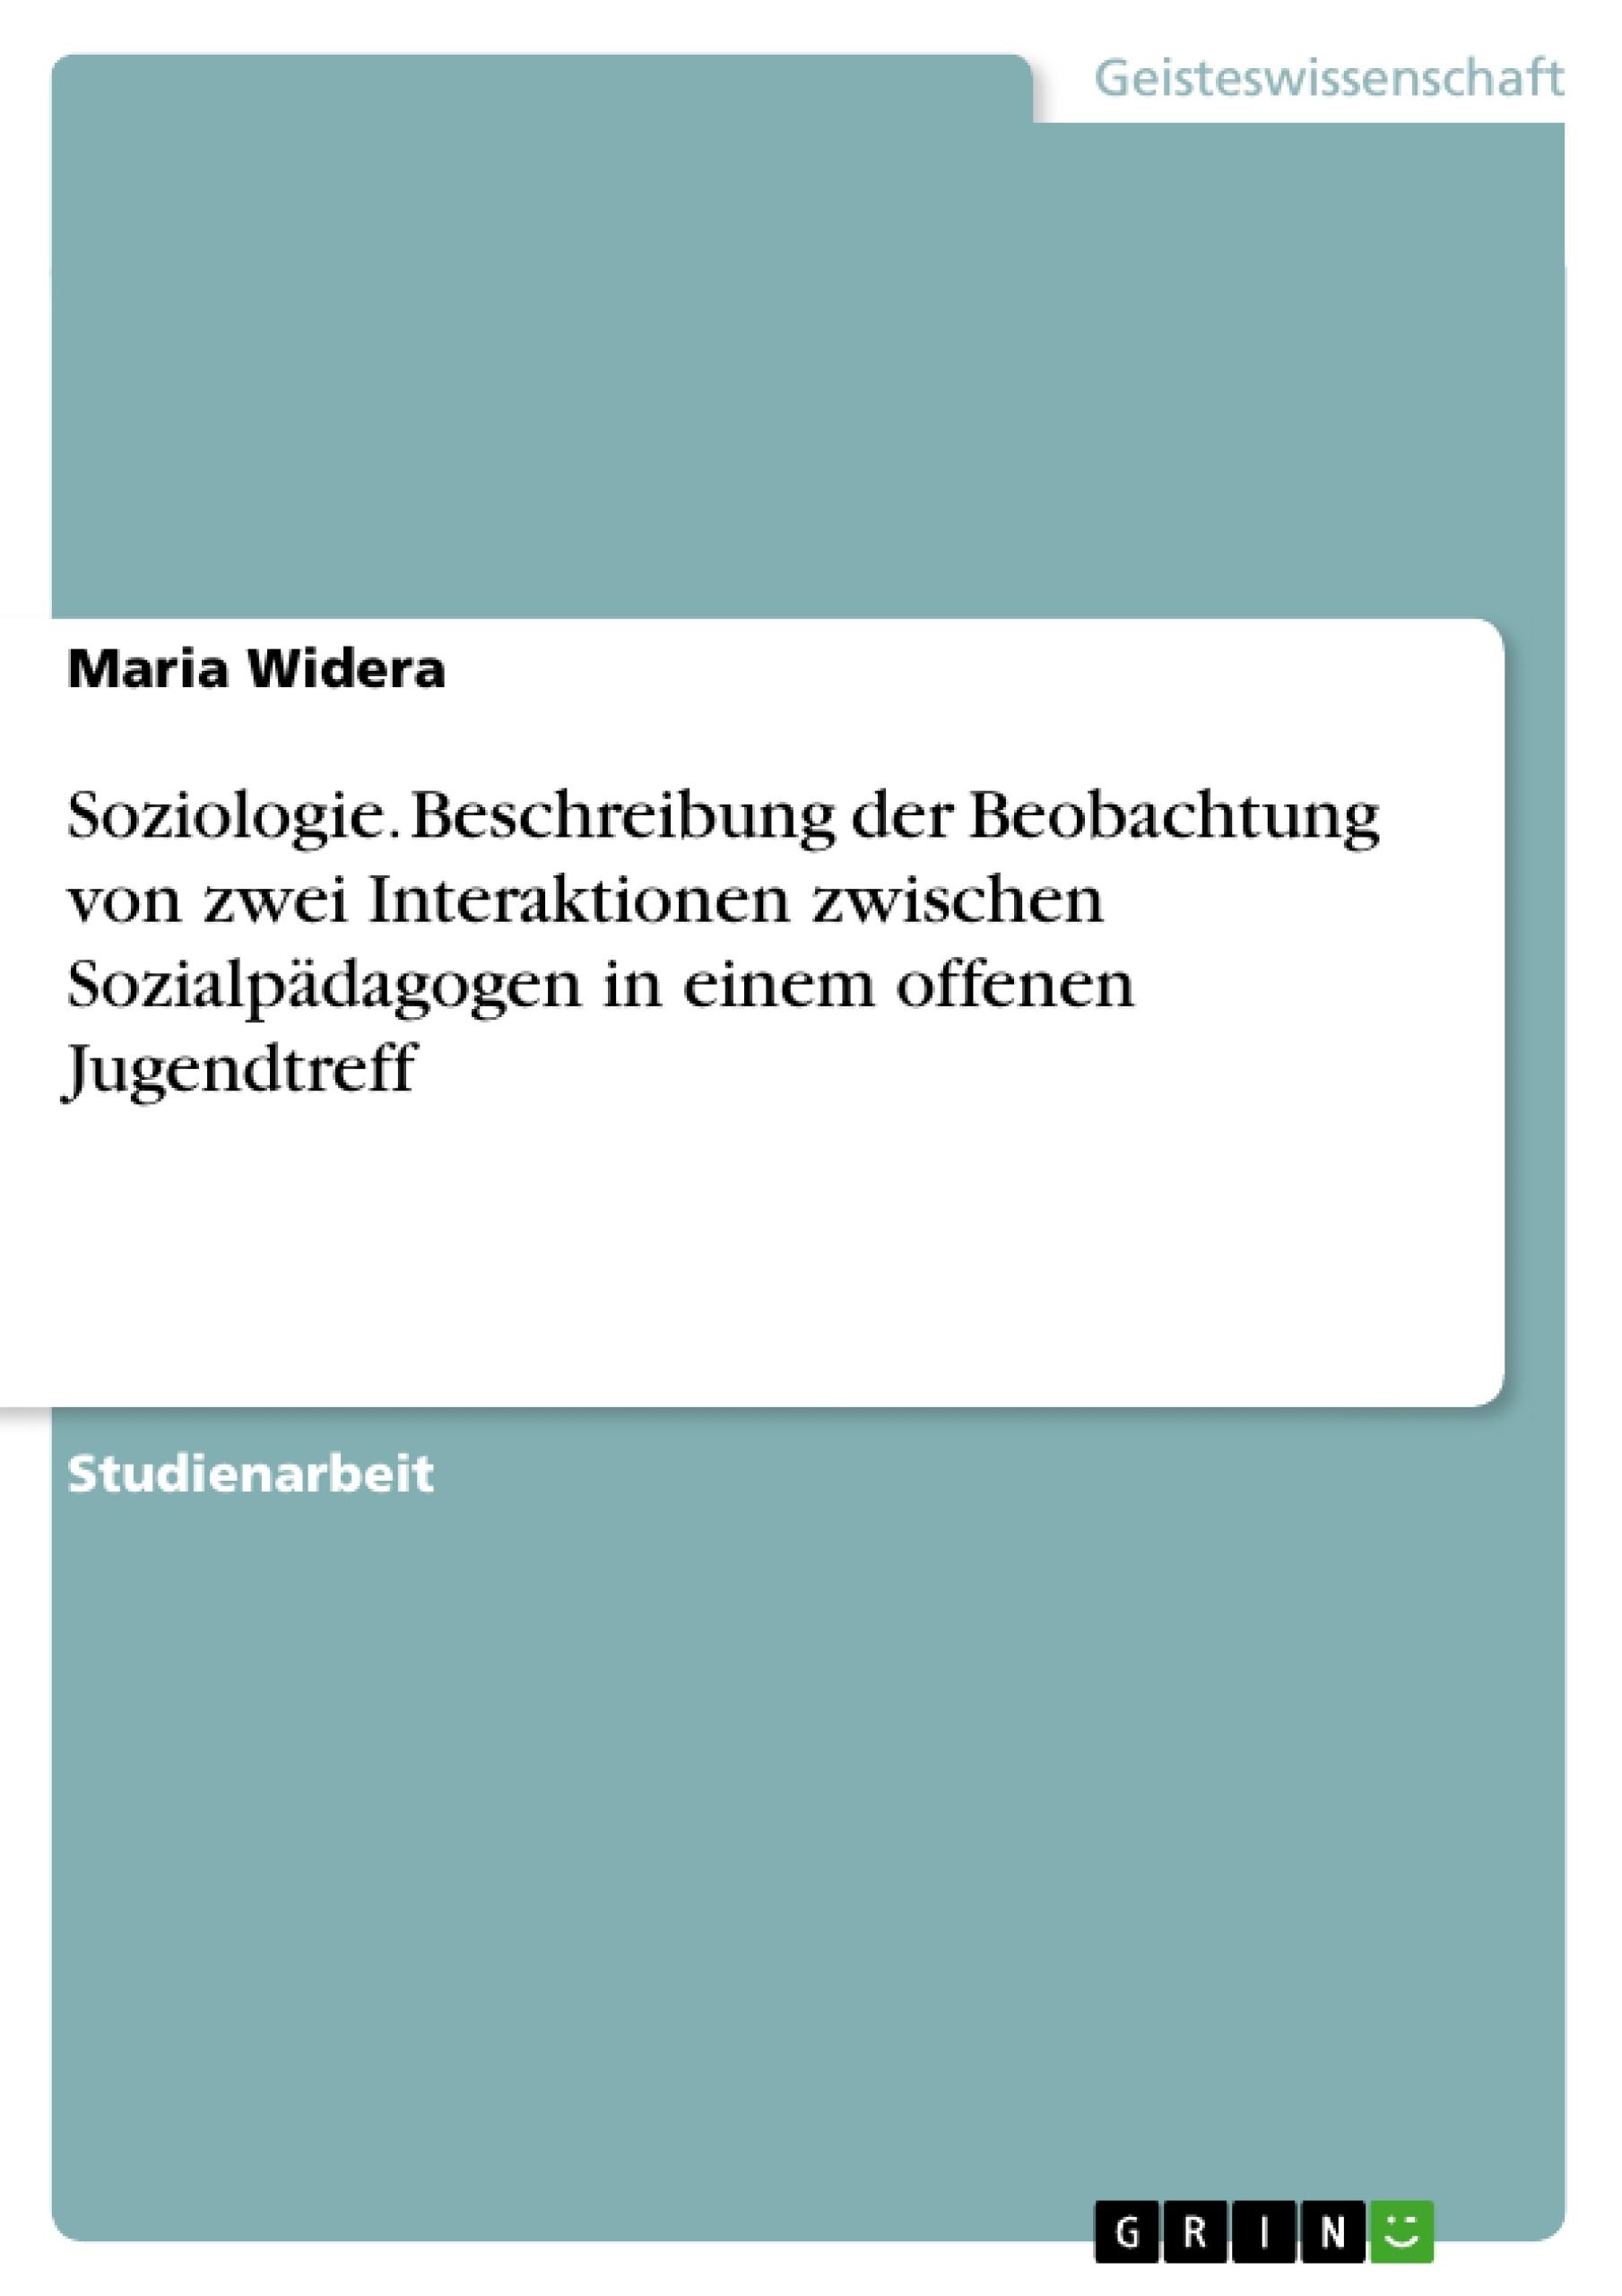 Titel: Soziologie. Beschreibung der Beobachtung von zwei Interaktionen zwischen Sozialpädagogen in einem offenen Jugendtreff